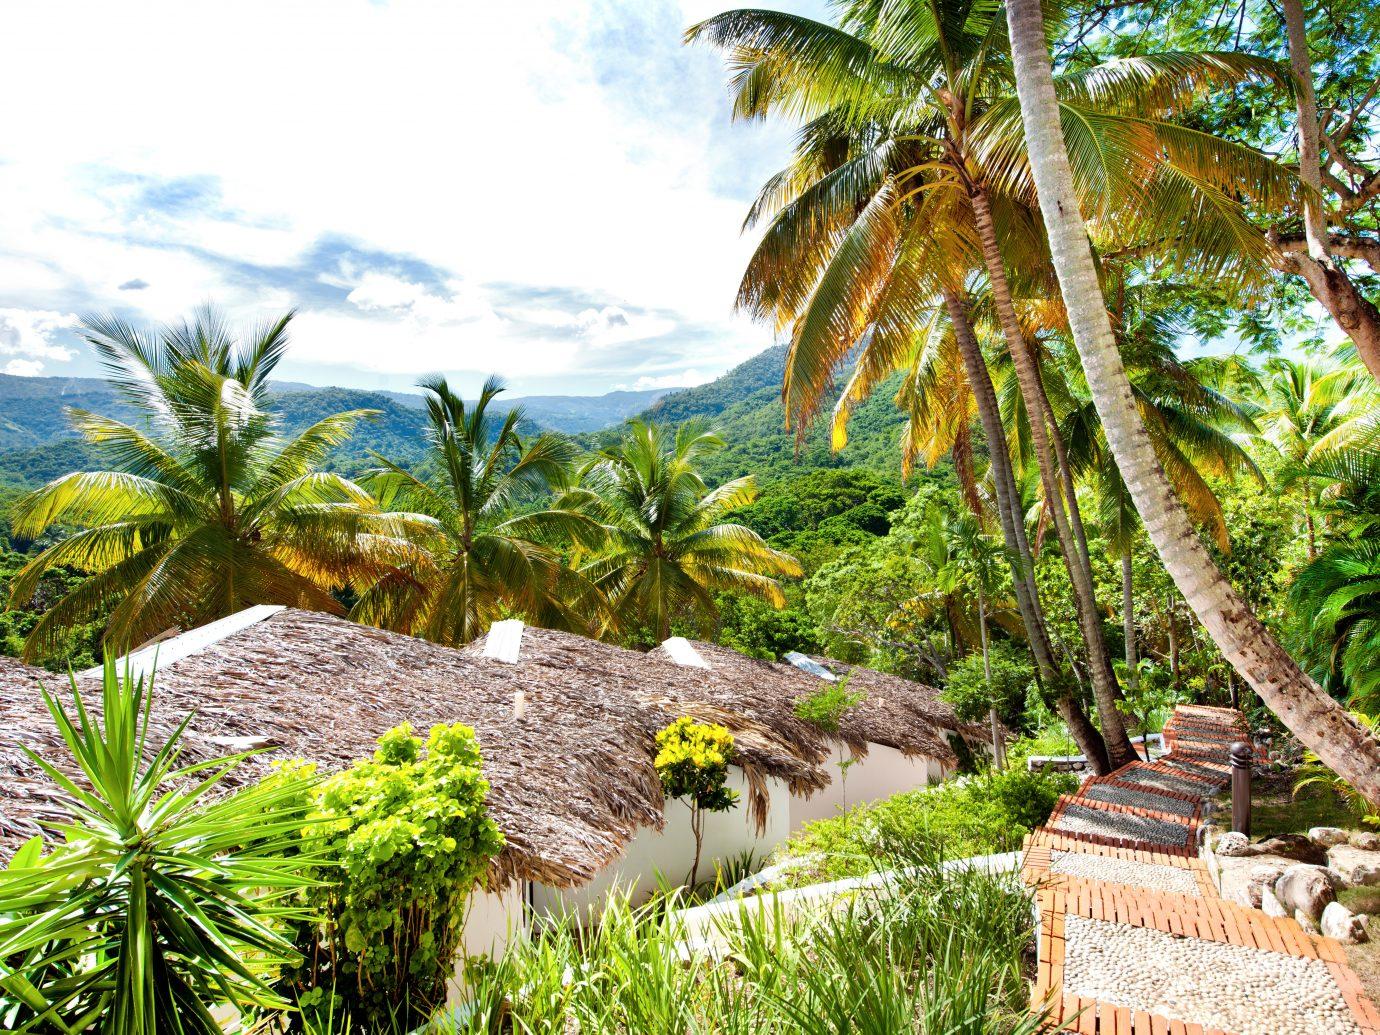 Casa Bonita Tropical Lodge Views In Dr